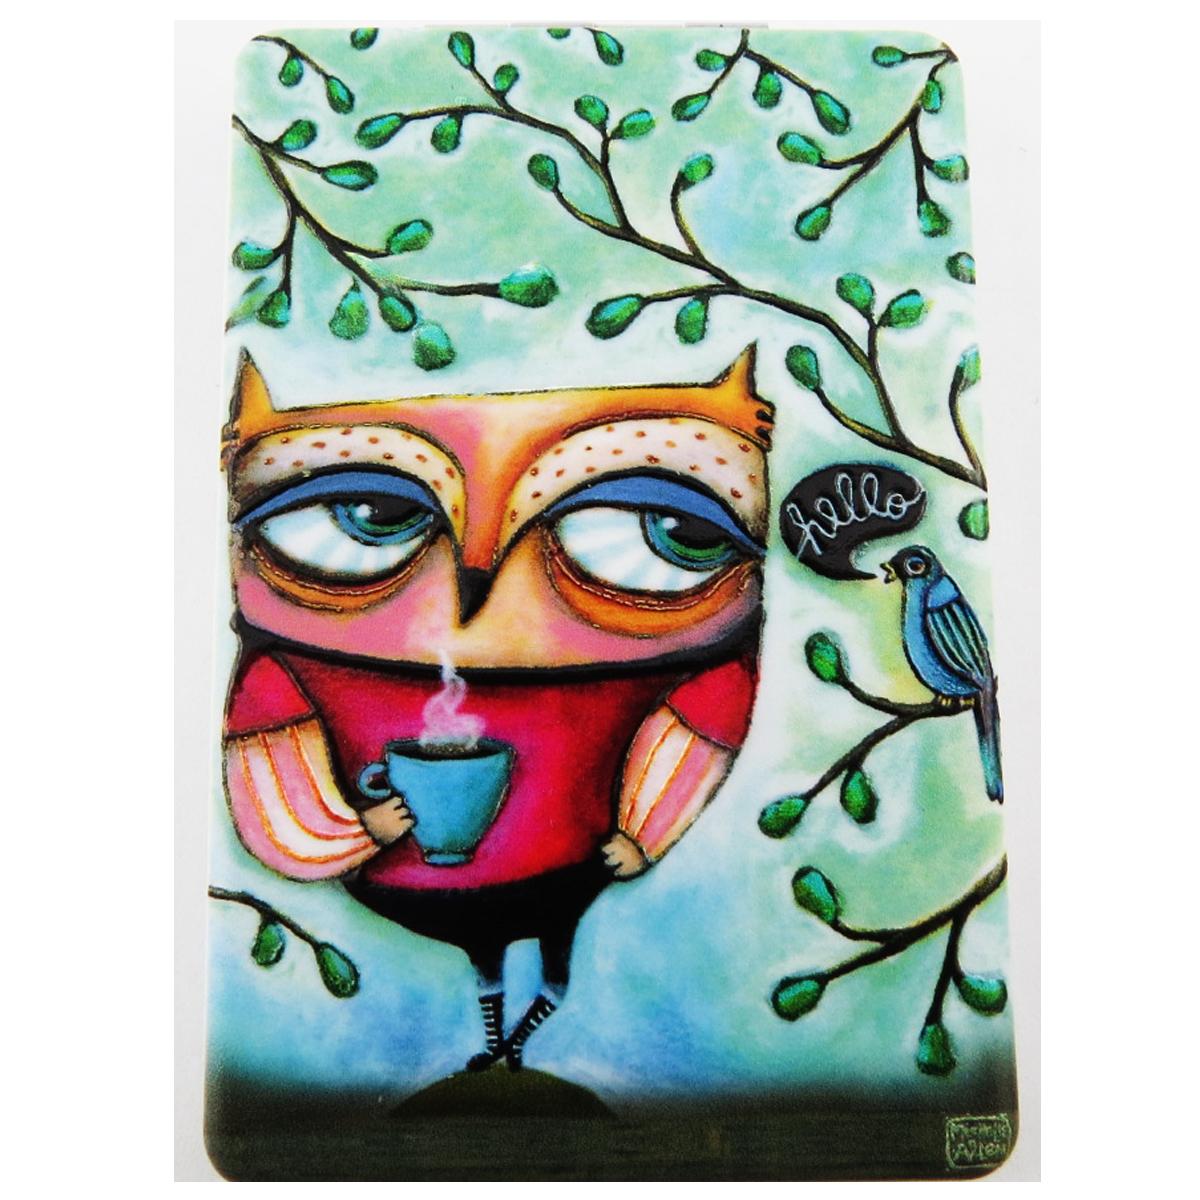 Miroir de poche \'Allen Designs\' vert multicolore (chouette) - 85x55 cm - [R1971]